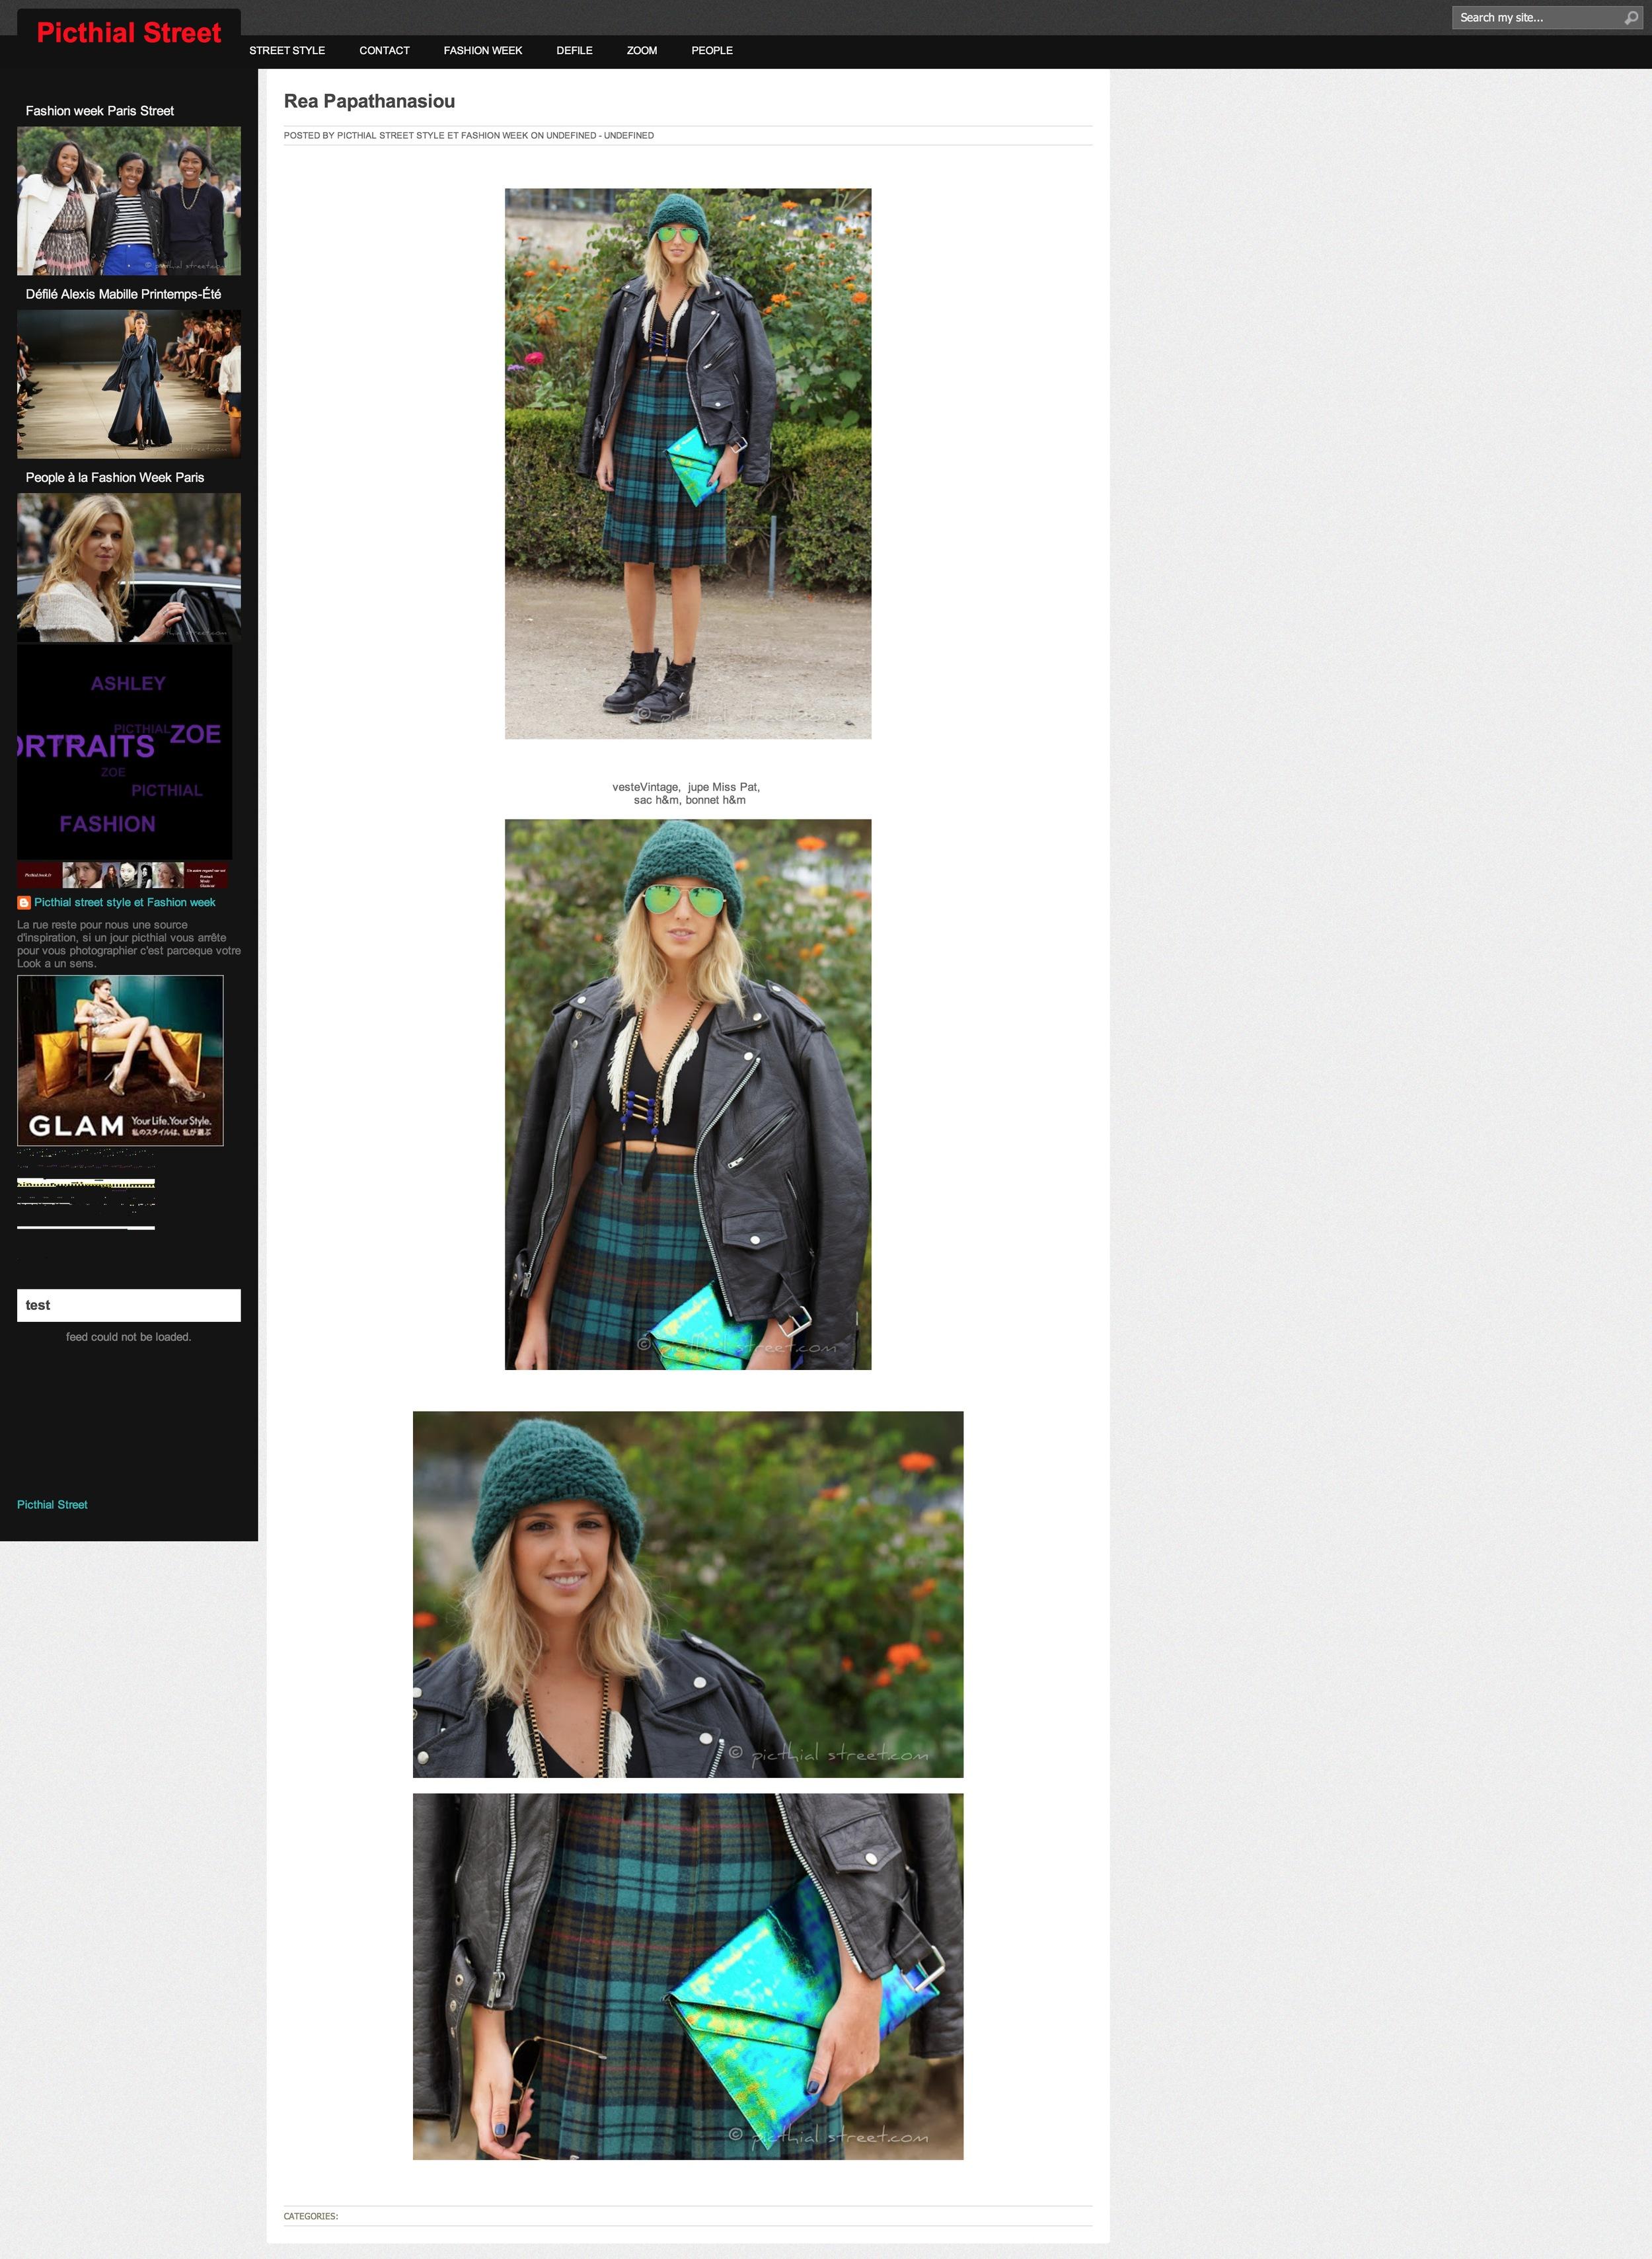 Picthial Street   Paris fashion week   Sept 2013